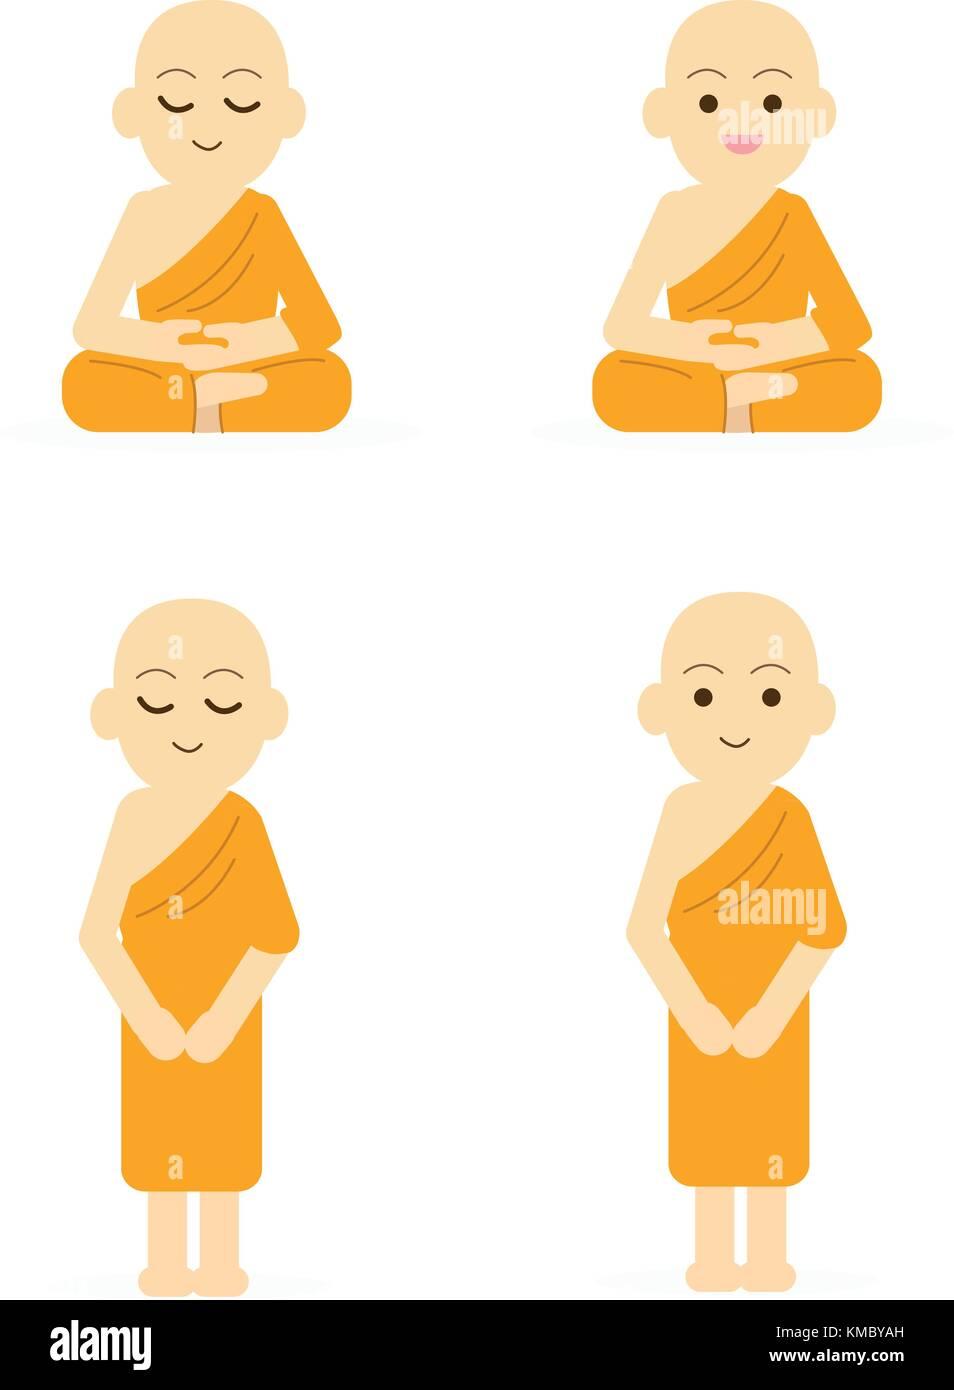 Monk cartoon set peaceful isolated white background.Buddha character set vector illustration - Stock Image